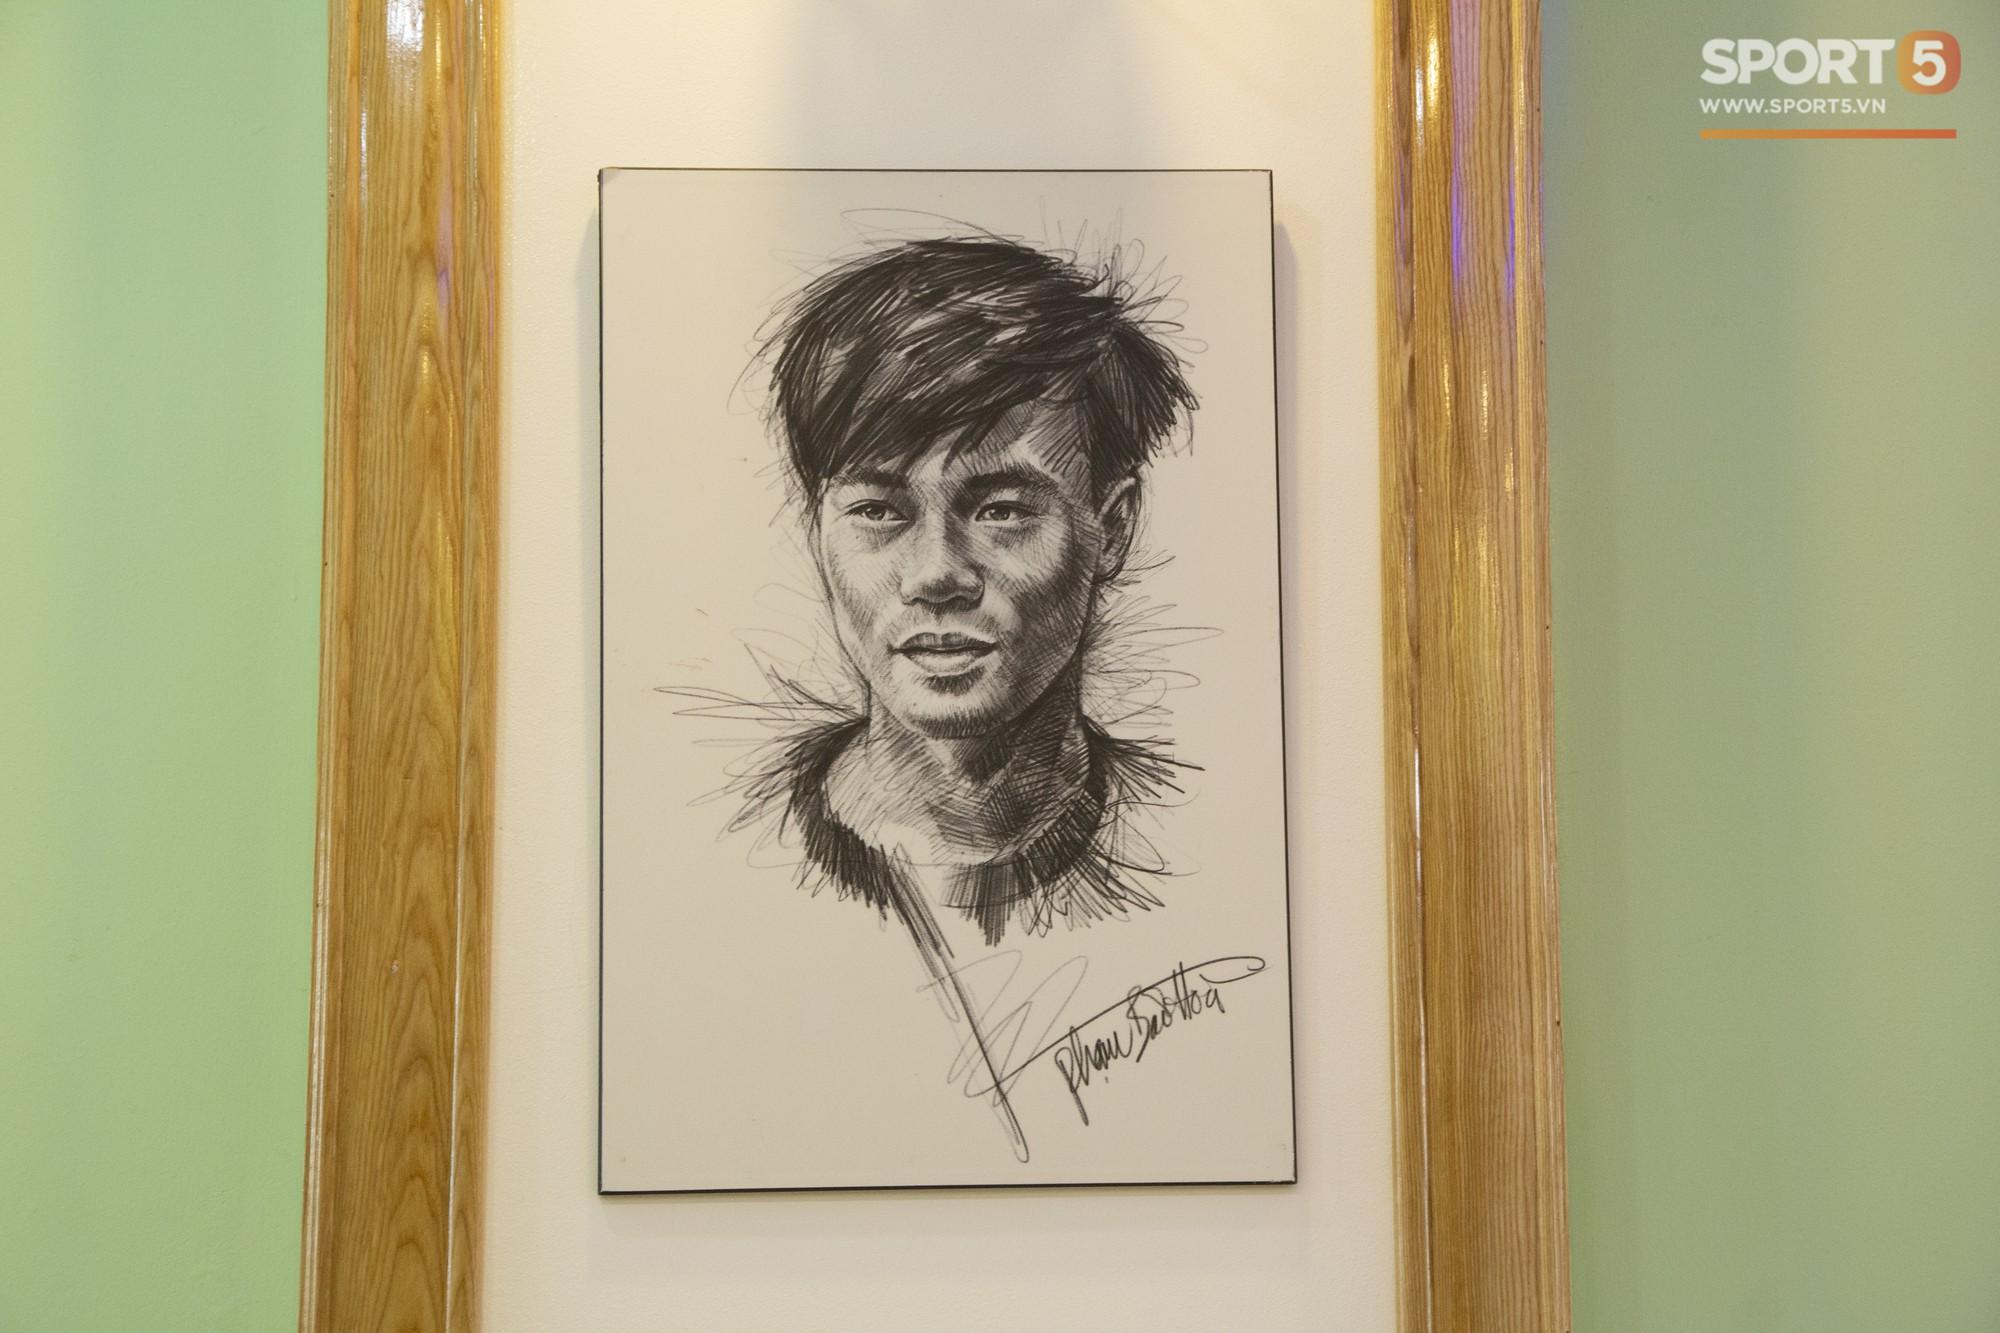 Các fan Big Bang lại được dịp yêu Văn Toàn hơn nữa khi nhìn thấy thứ này trong phòng ngủ của anh - Ảnh 6.